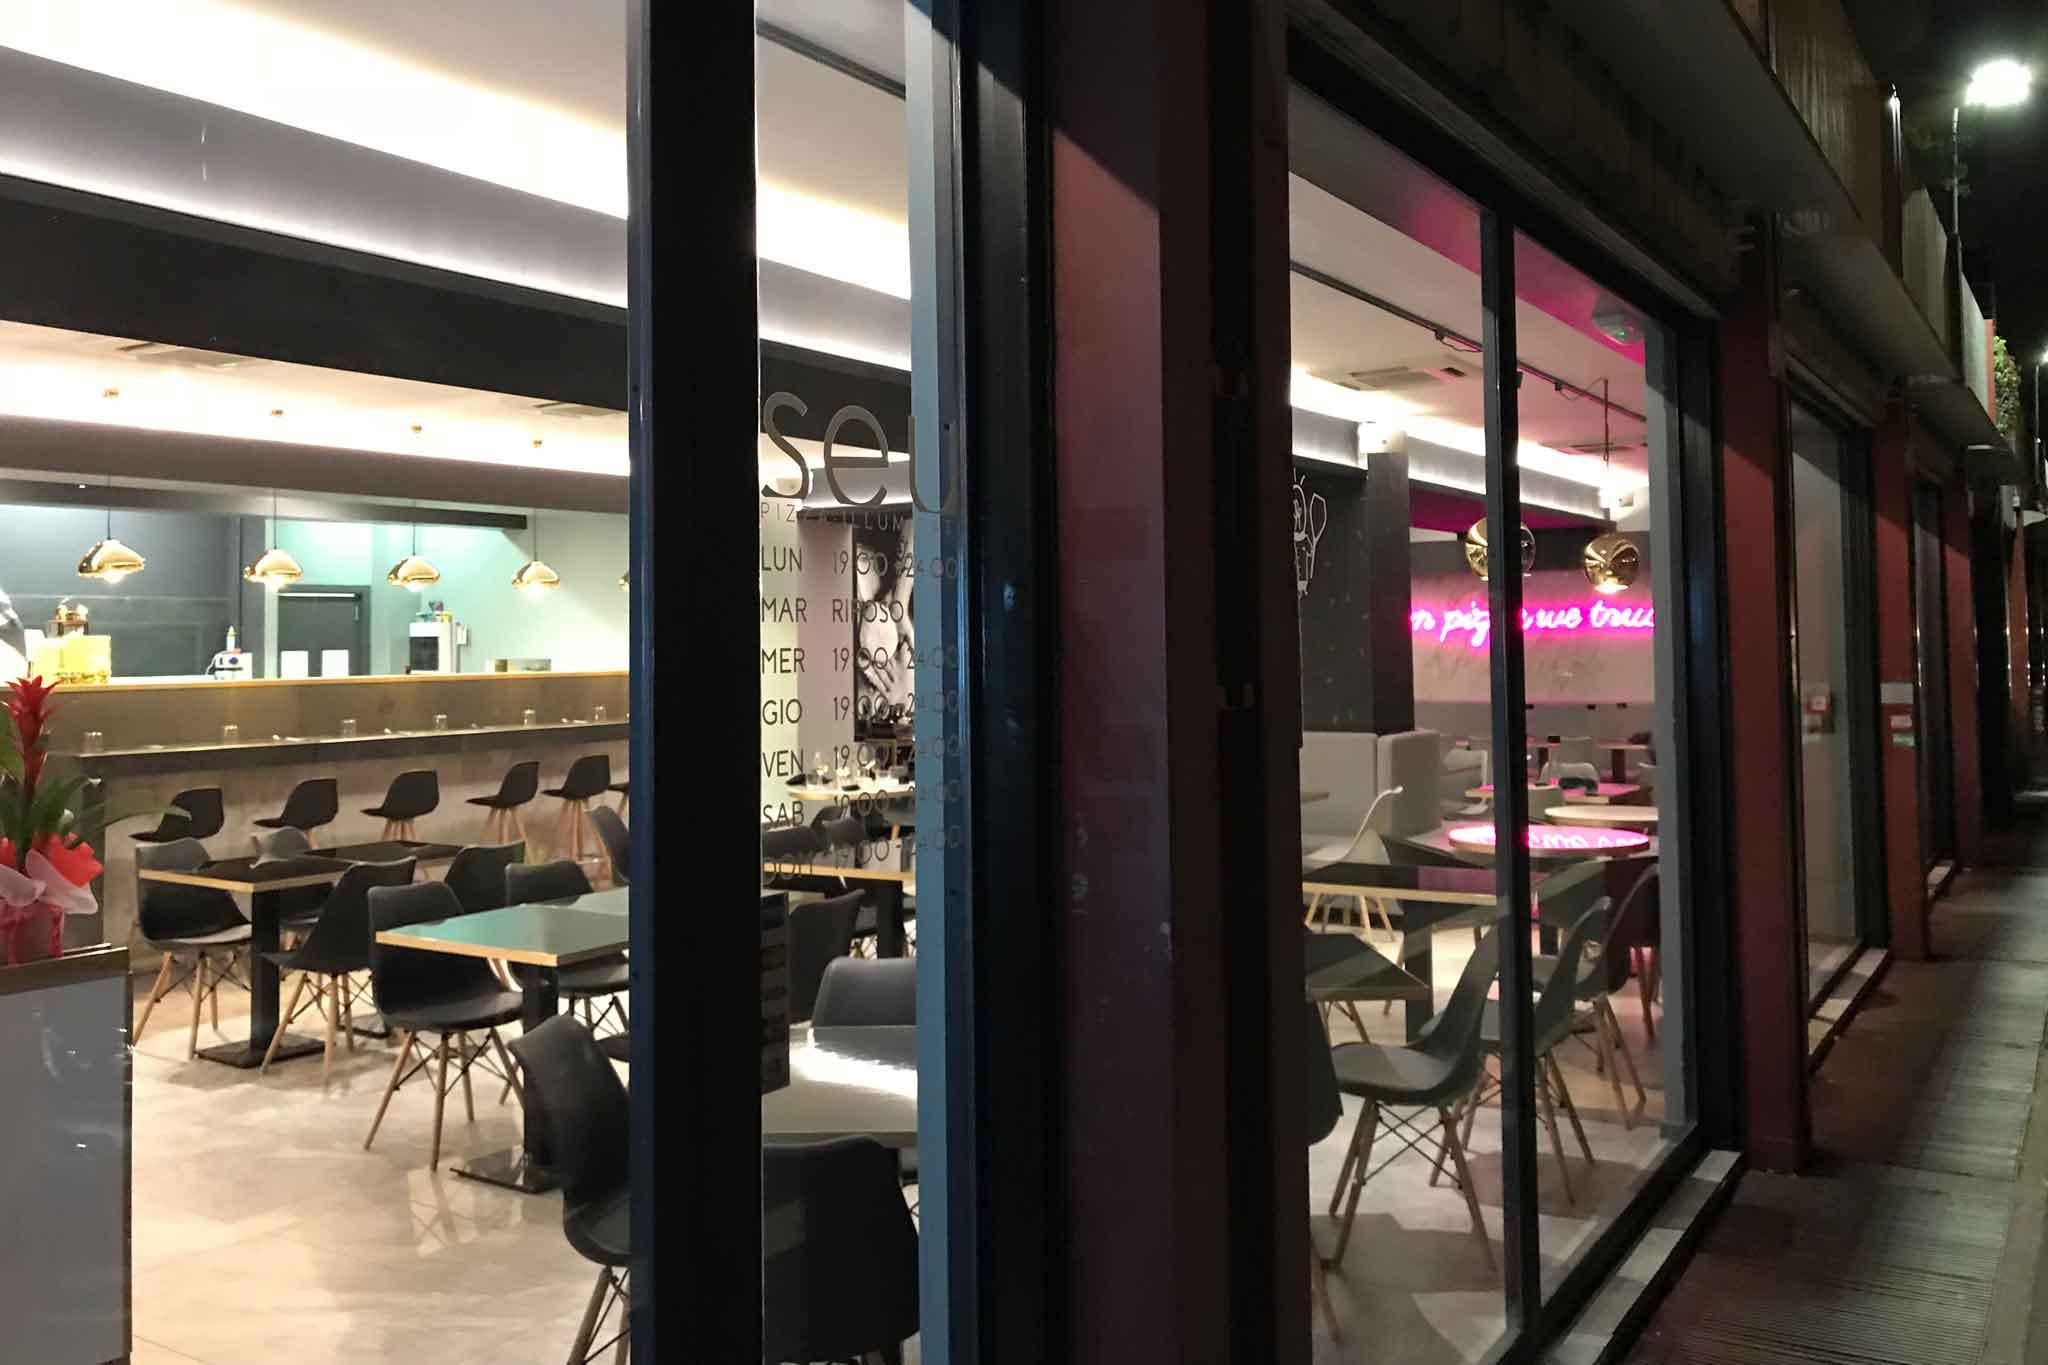 Tavoli Di Marmo Viale Trastevere : Ai marmi pizzeria in rome trastevere for excellent pizza